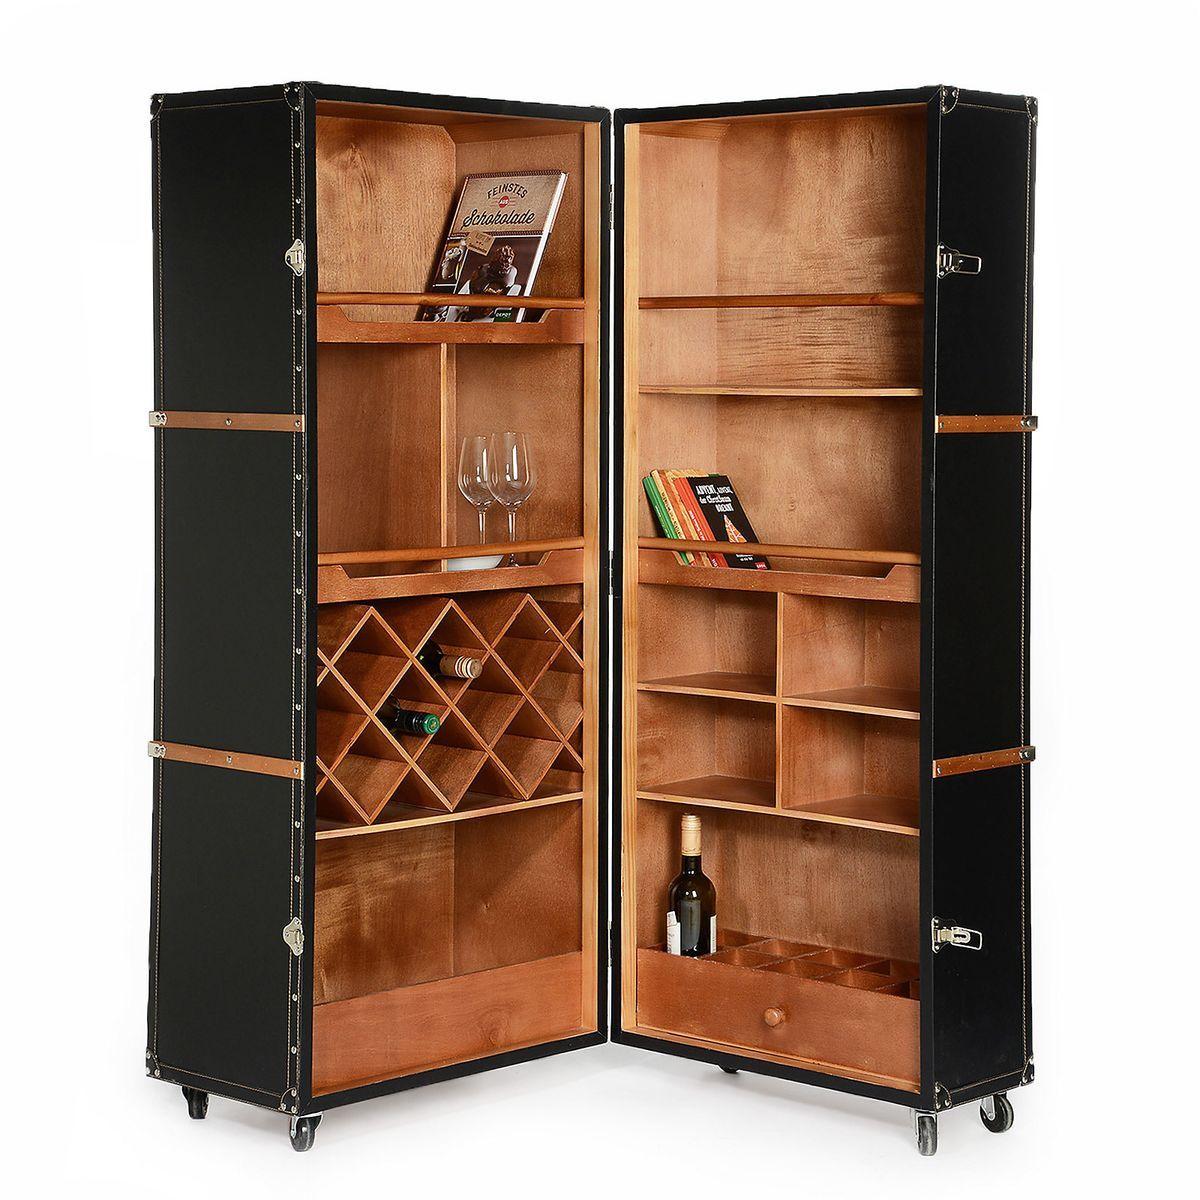 schrank koffer tannenholz schwarz ca l 60 x b 60 x h 146 cm bez ge 100 kunstleder. Black Bedroom Furniture Sets. Home Design Ideas